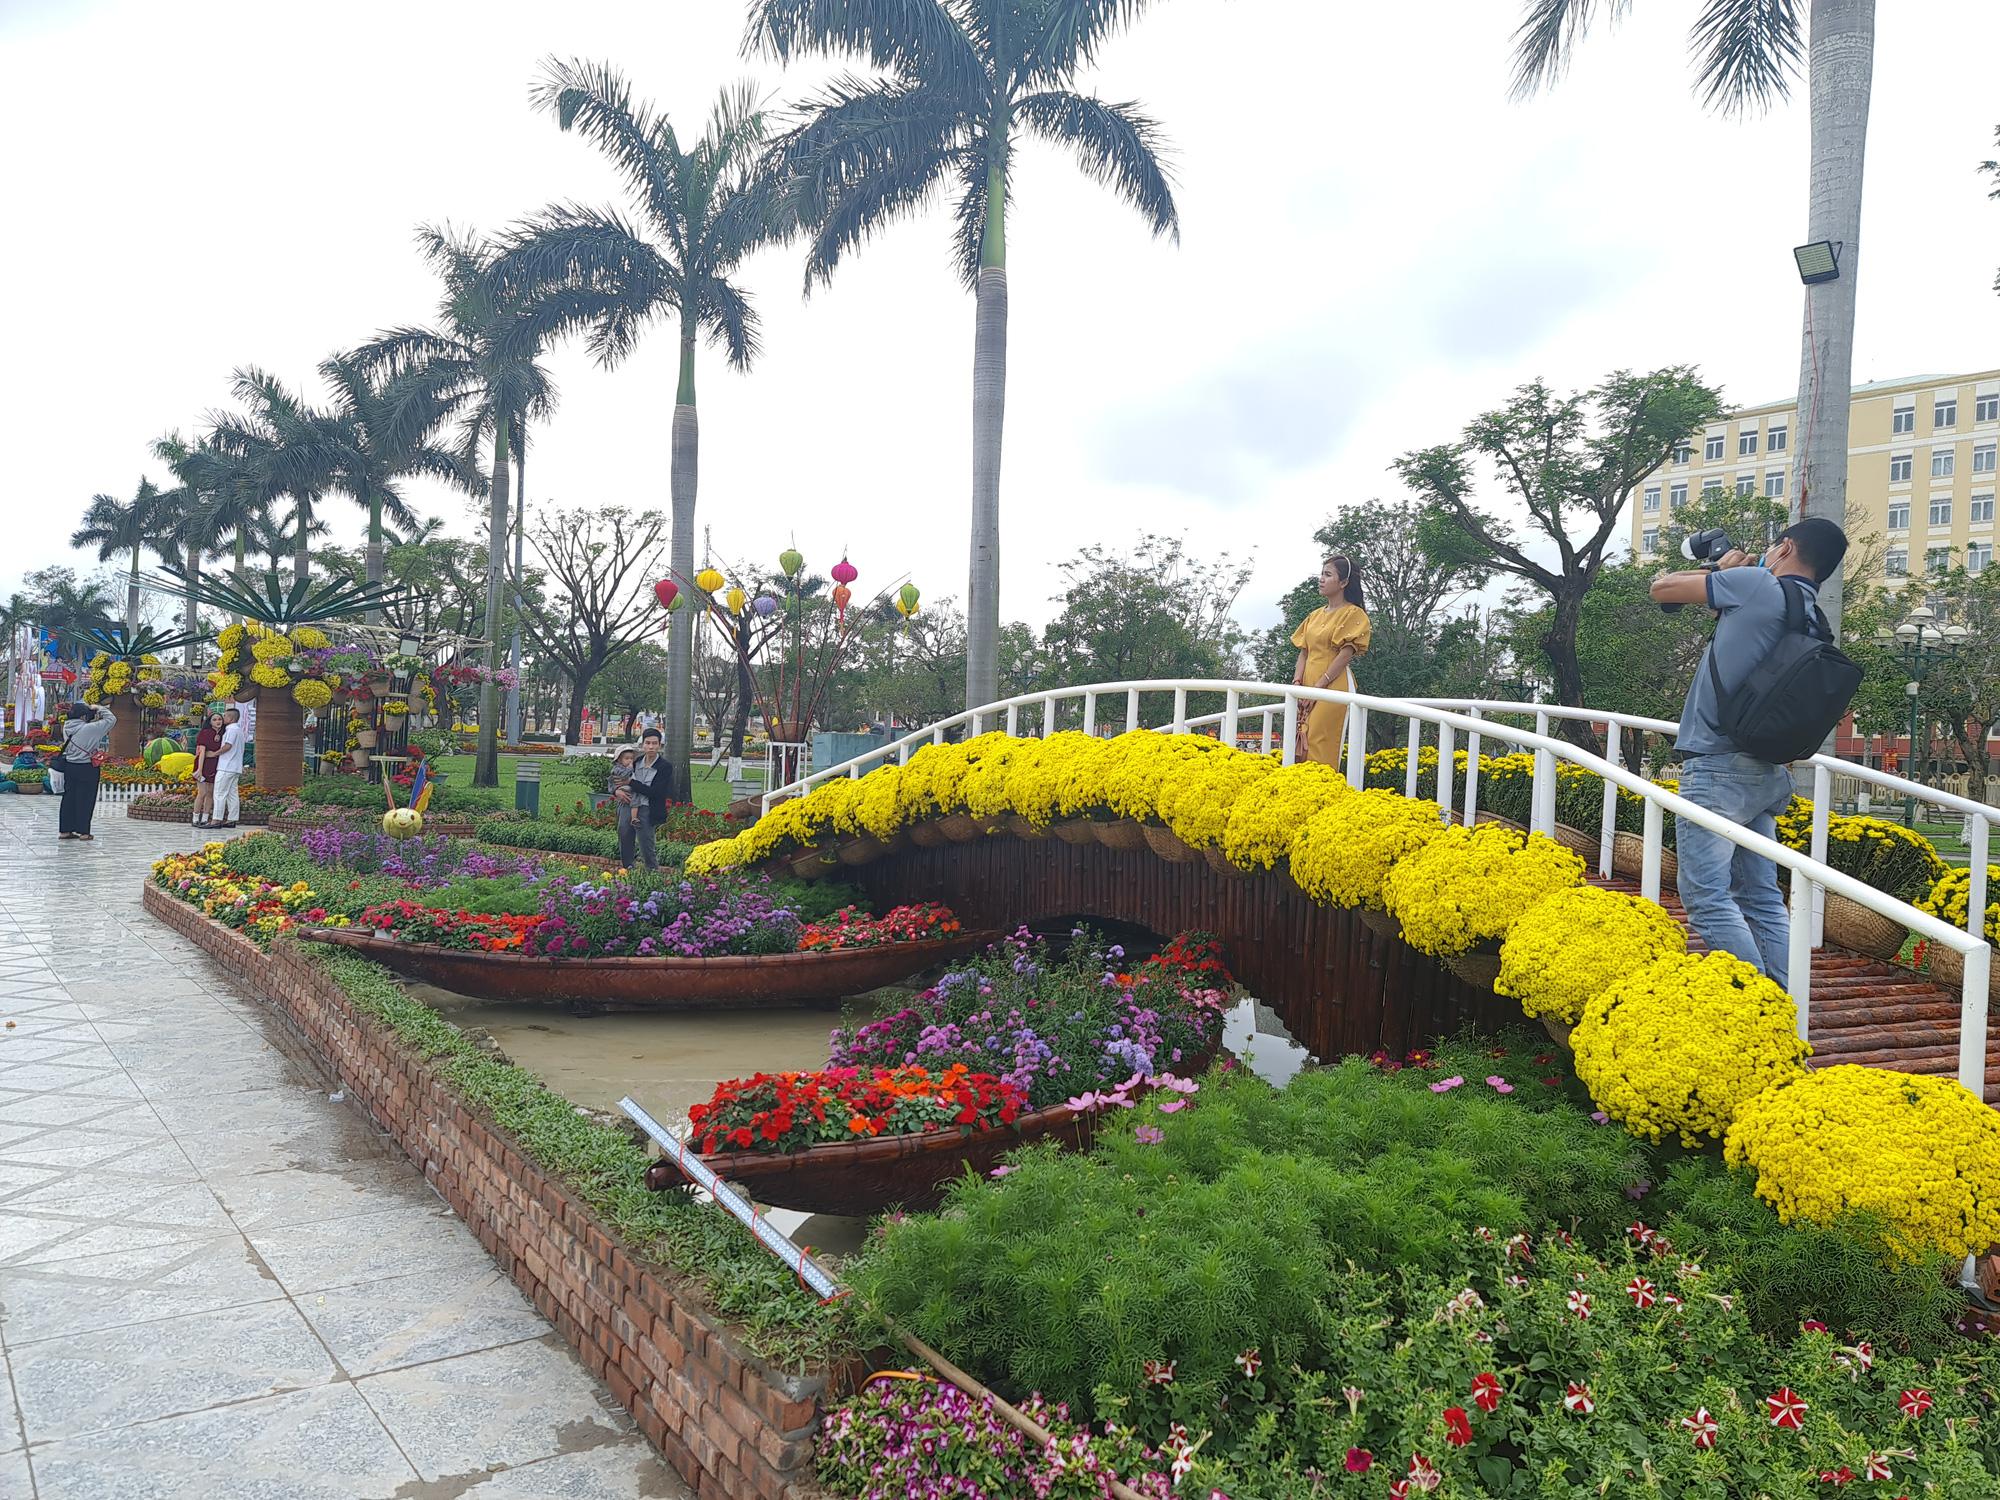 Quảng trường lớn nhất tỉnh Quảng Nam được trang trí bằng đồ nhà nông và hàng chục loại hoa sắc sảo - Ảnh 12.